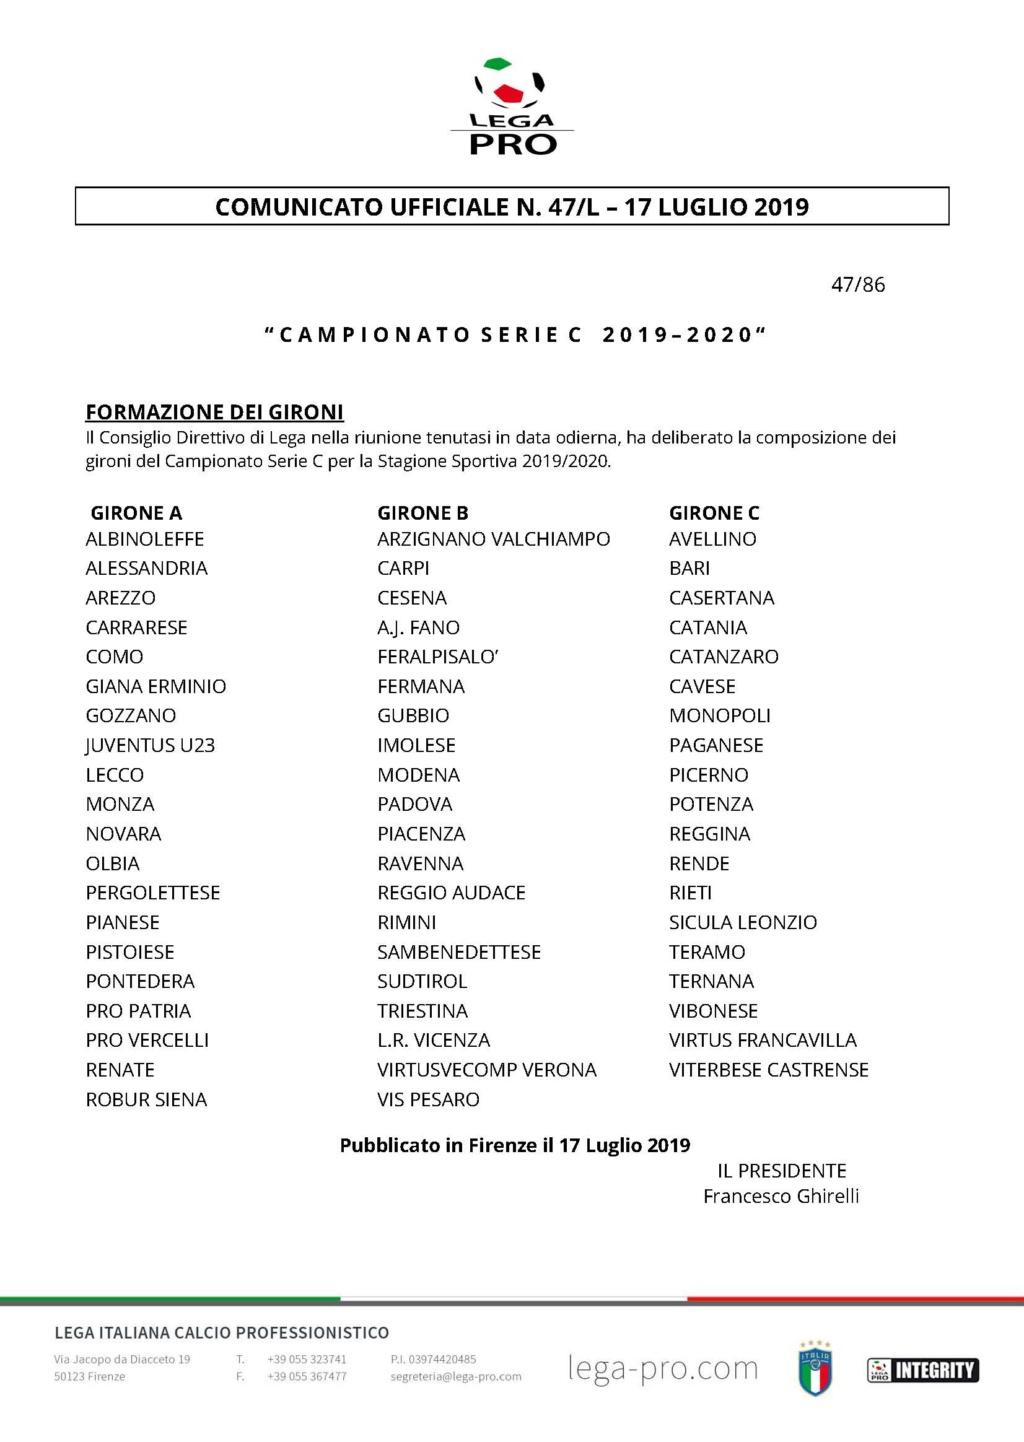 17/07/19 FORMAZIONE DEI GIRONI CAMPIONATO SERIE C STAGIONE 2019-2020 1920-410